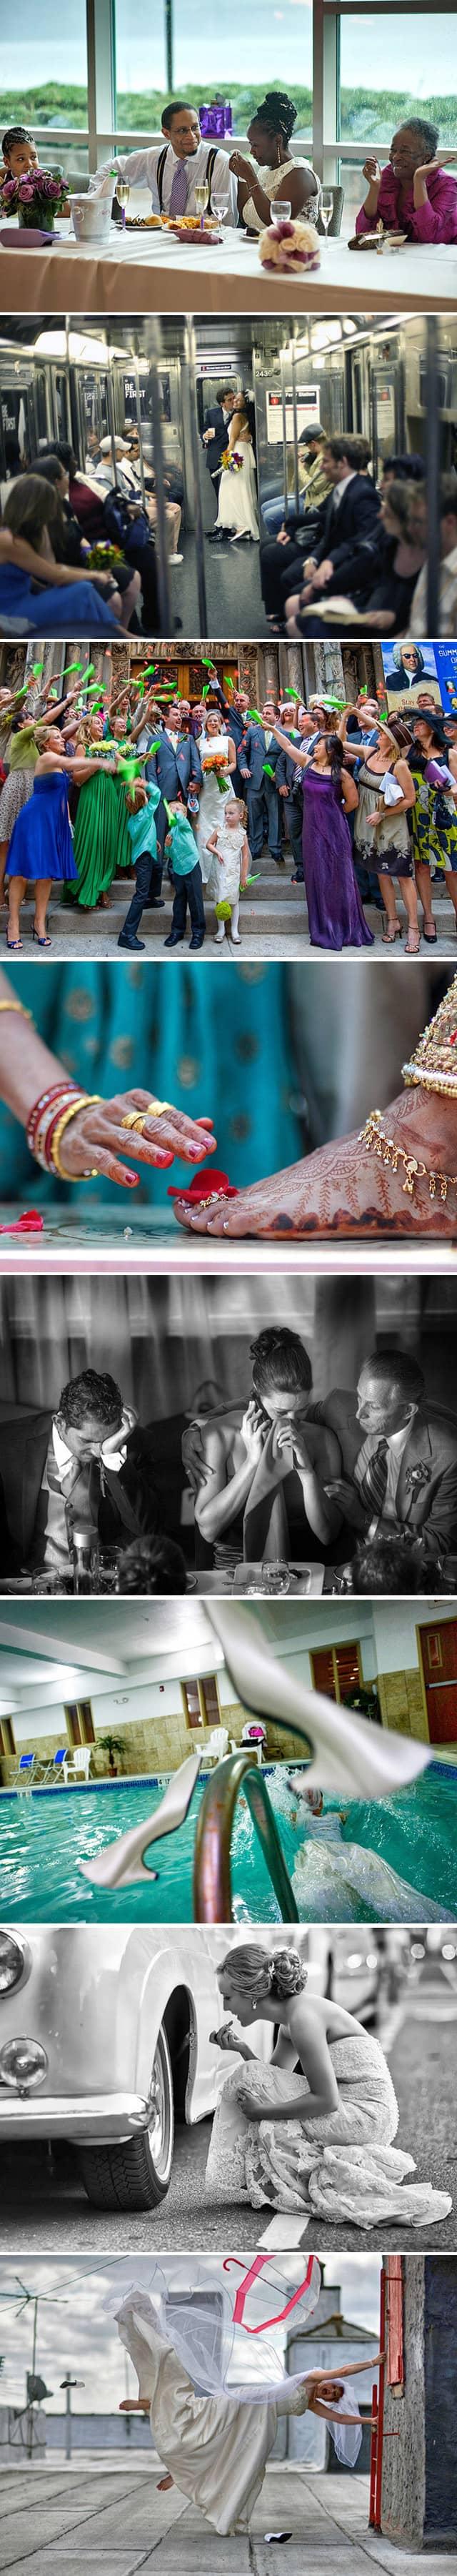 Fotógrafo registra casamentos de várias culturas ao redor do mundo de forma encantadora 5